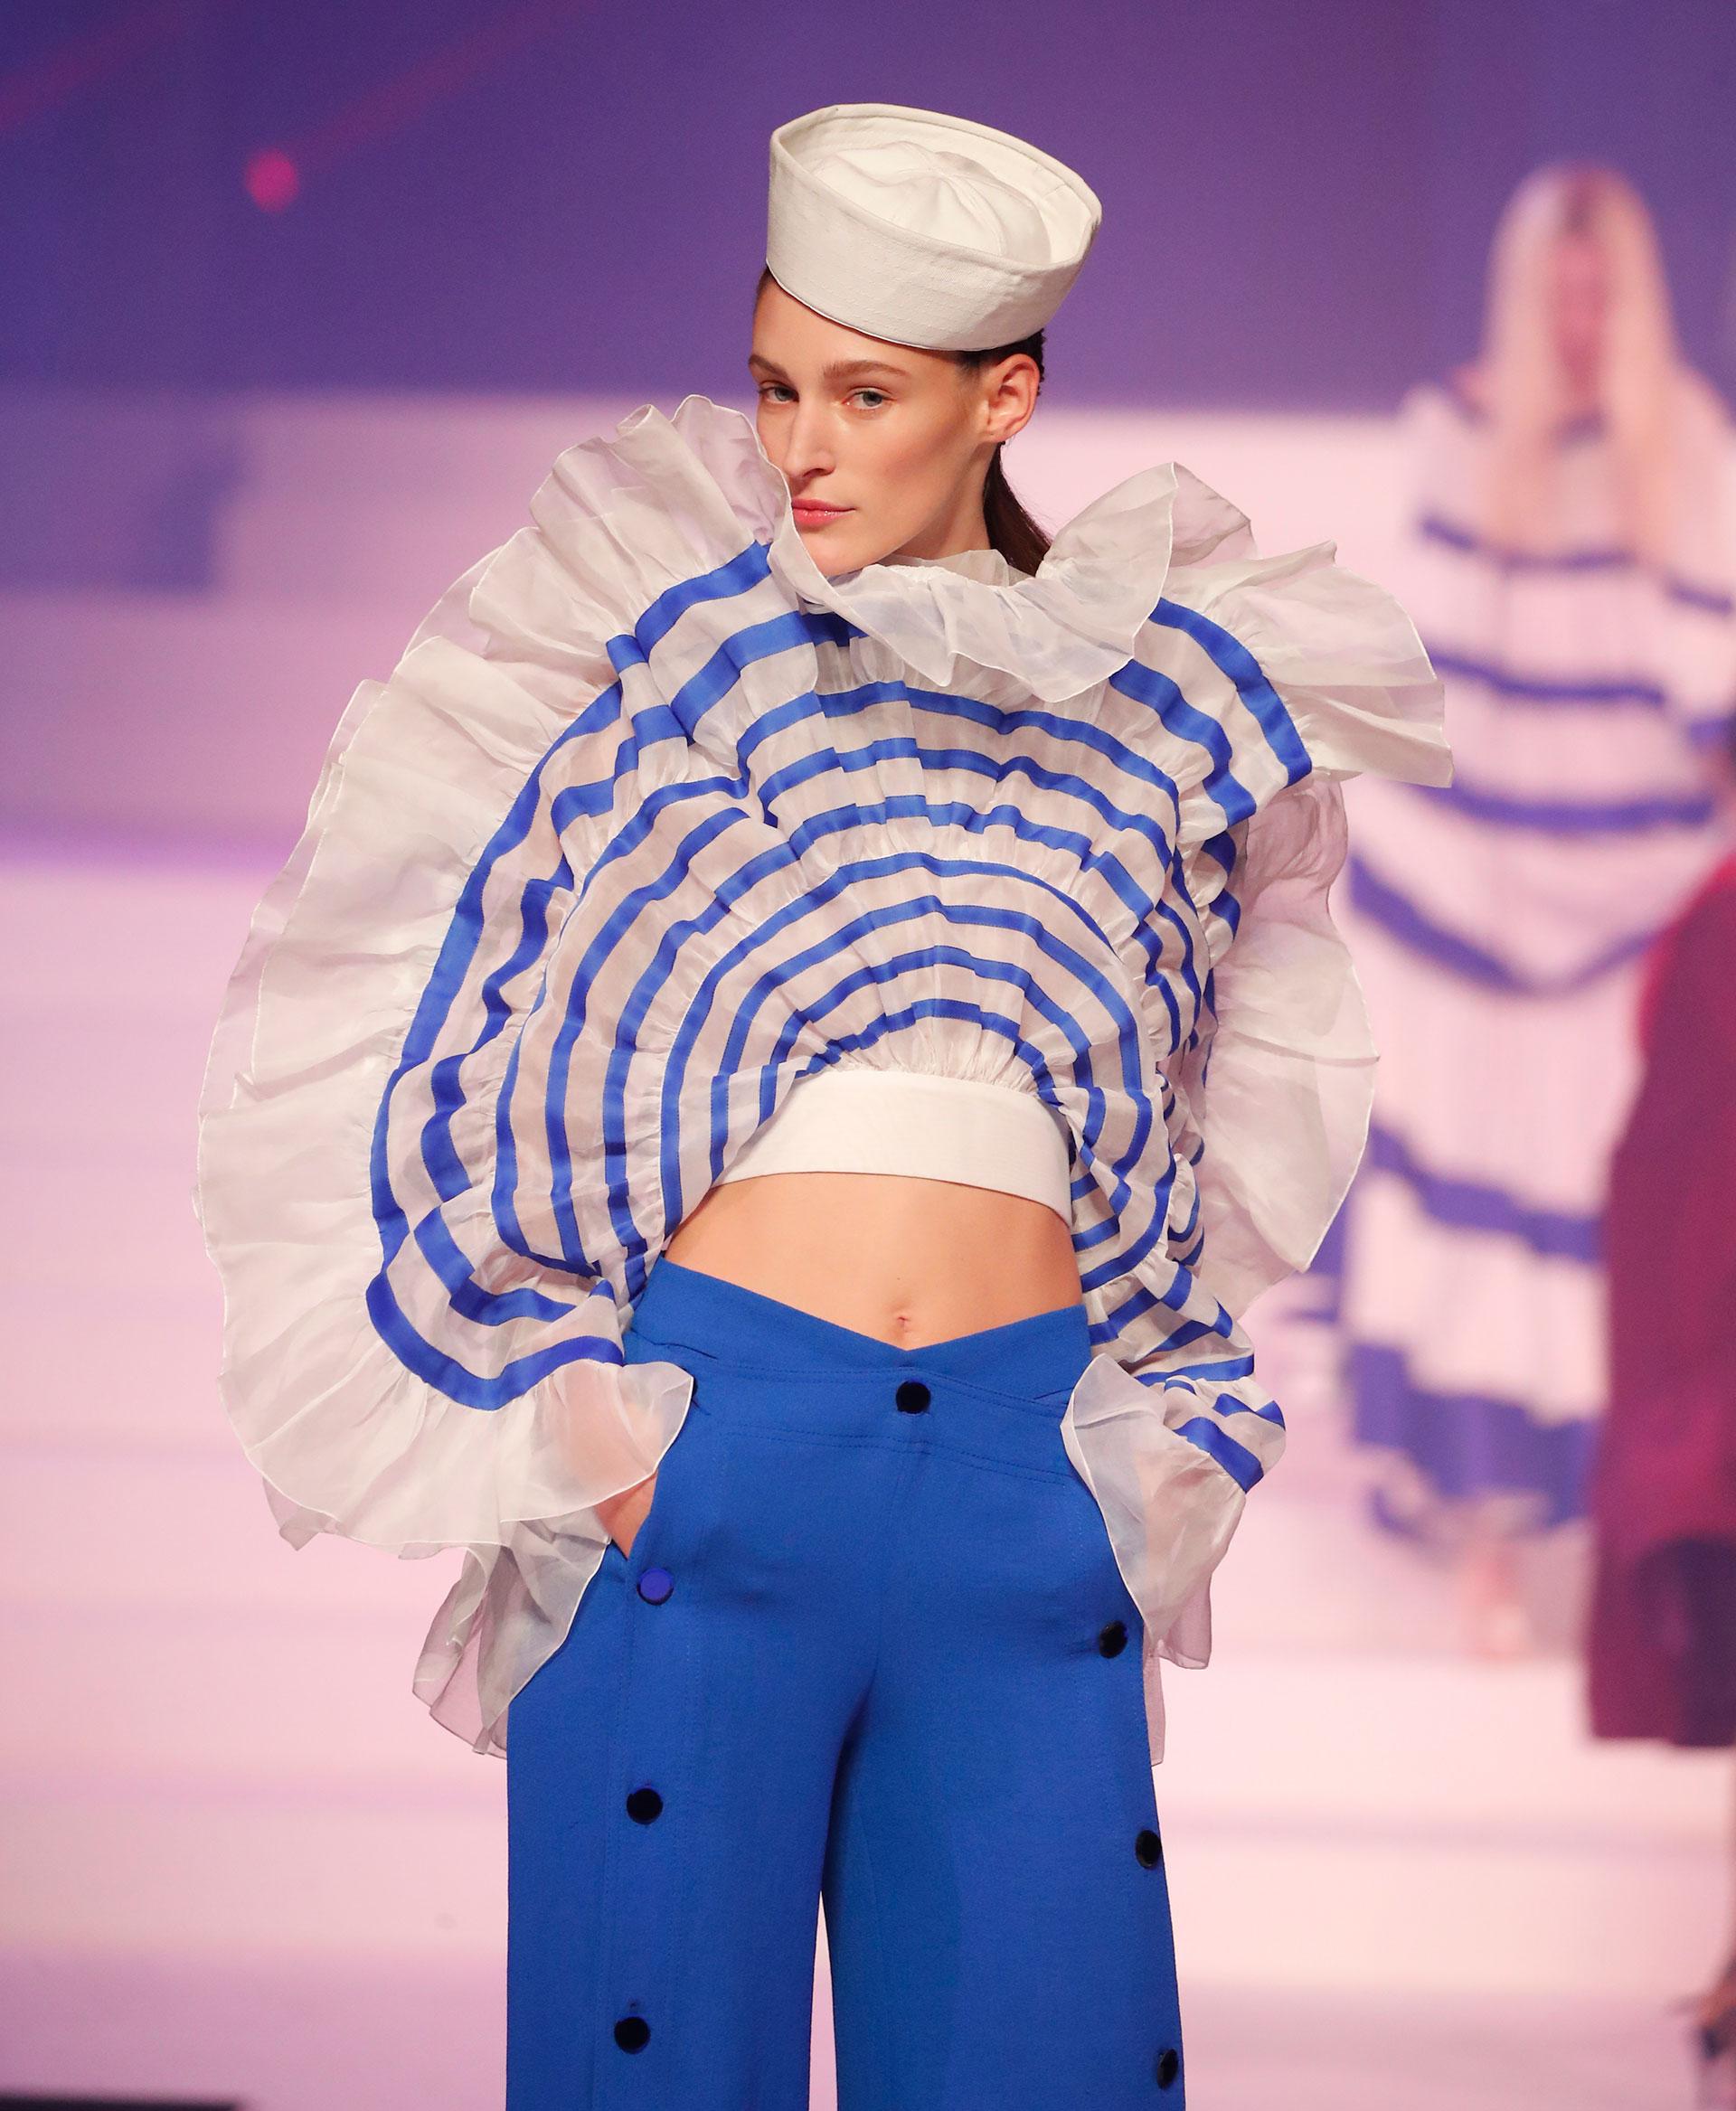 Otro diseño al estilo navy que presentó Jean Paul Gaultier en el último desfile en París. Con el tradicional gorro marinero, un pantalón azul tiro alto con botones grandes y blusa rayada blanca y azul